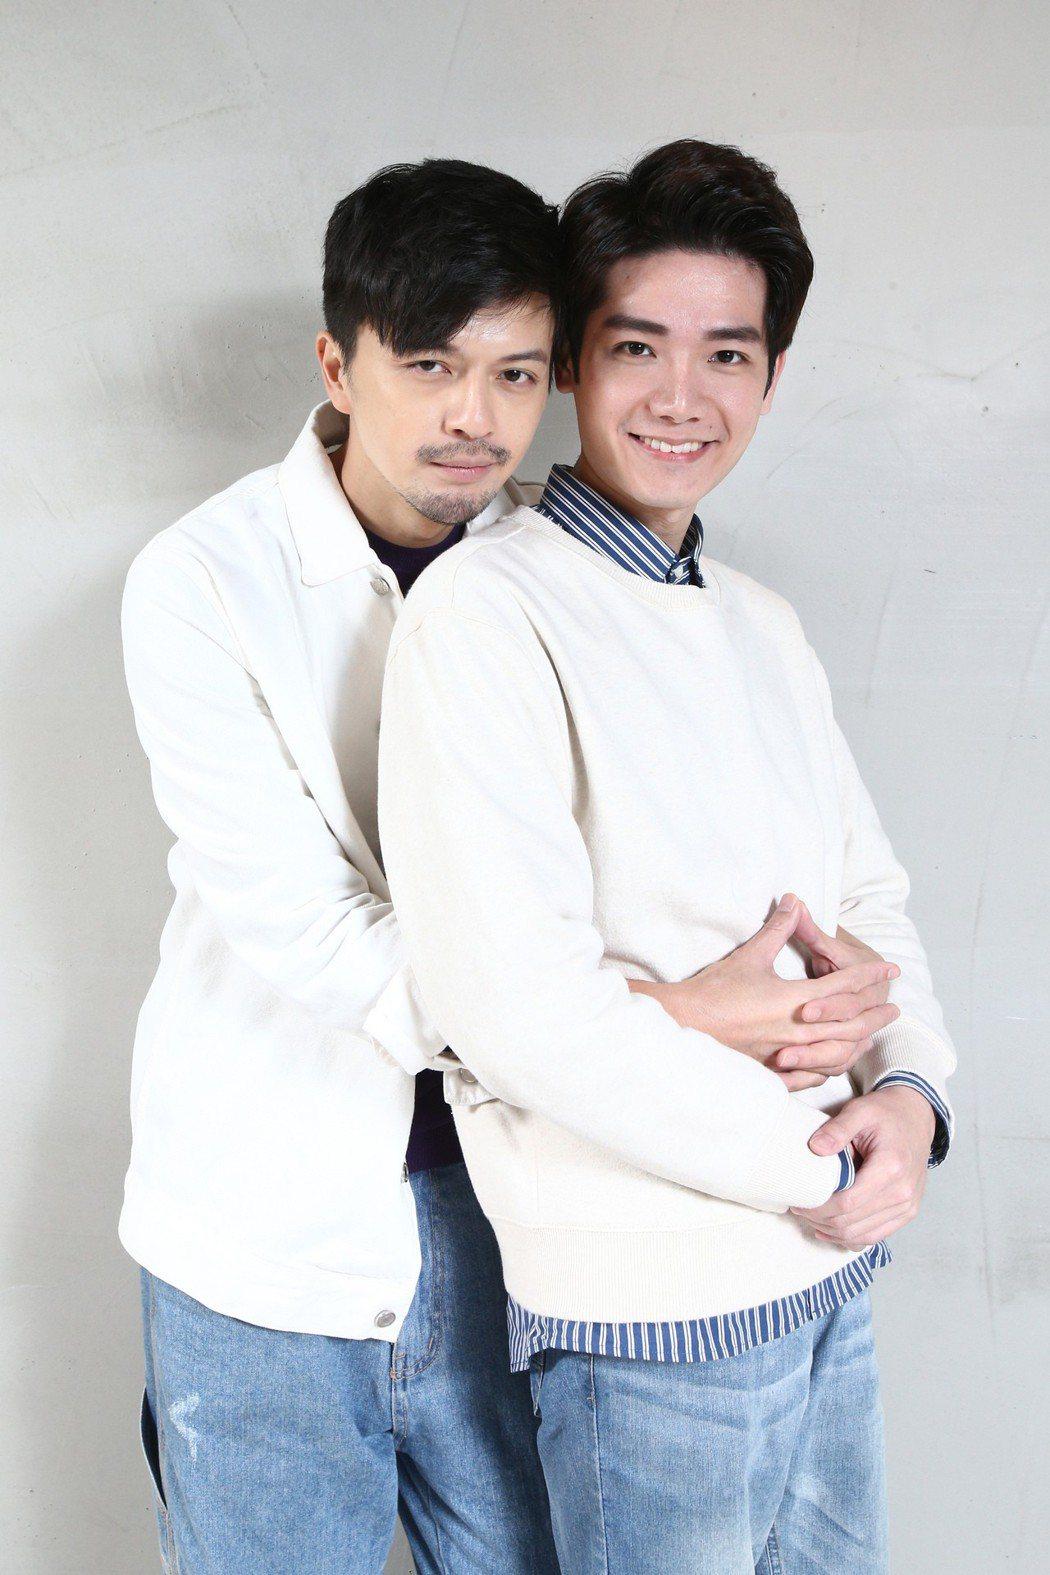 「是非」的演員江常輝(左)與張行(右)專訪。記者蘇健忠/攝影